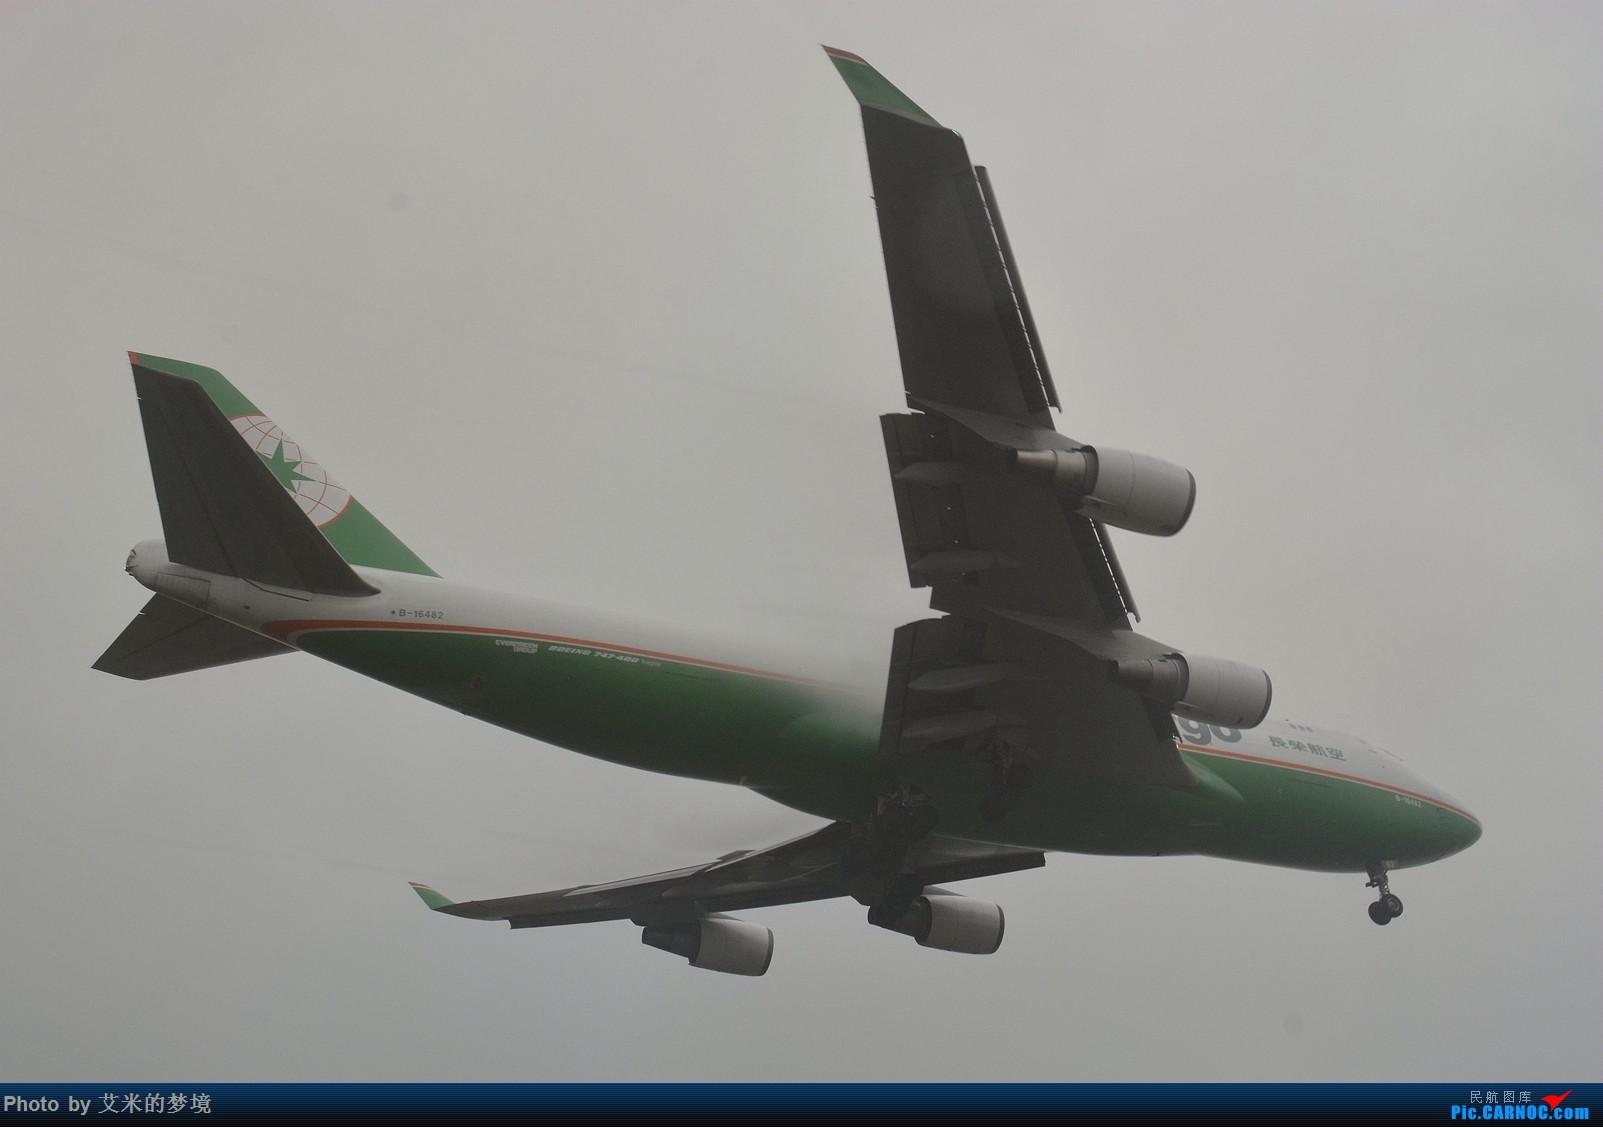 Re:[原创]第一次好好拍机,画质就别想了。。 BOEING 747-400 B-16482 中国重庆江北国际机场